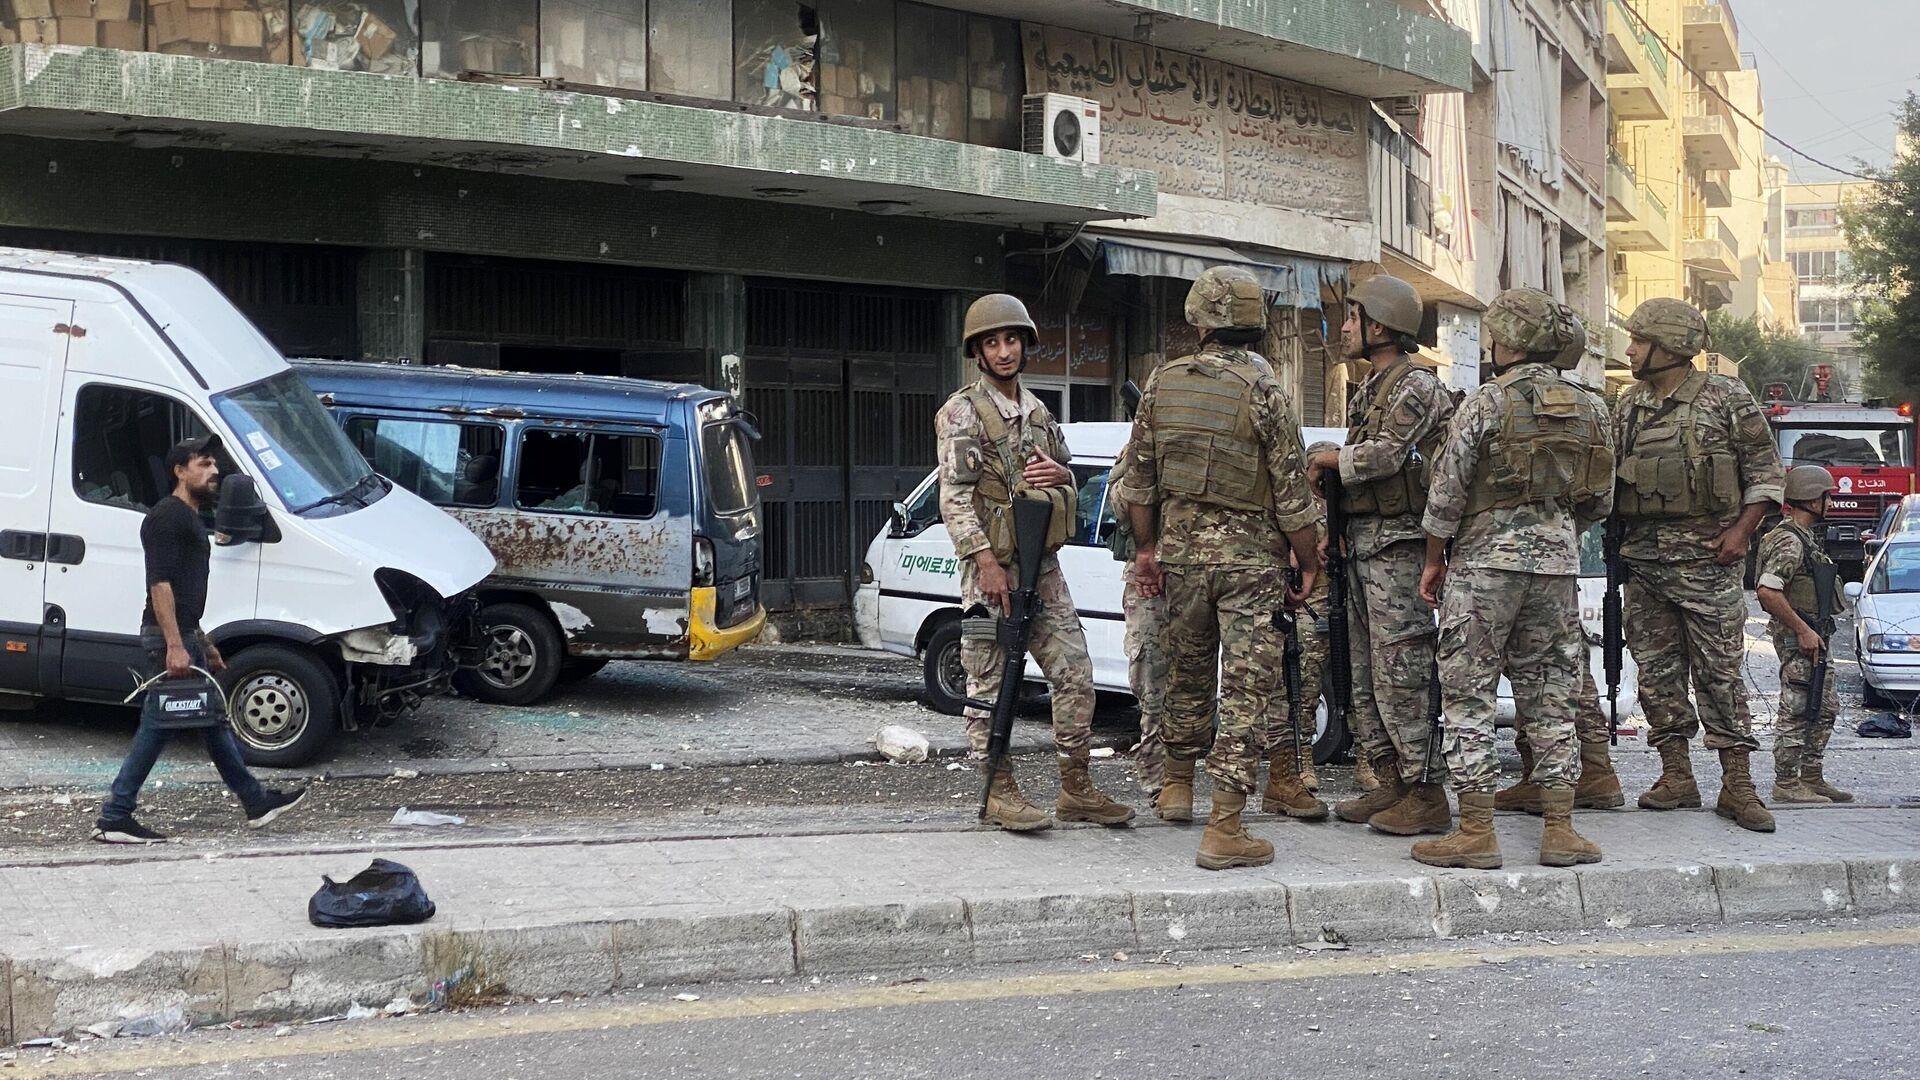 Военнослужащие Ливанской армии на одной из улиц Бейрута - РИА Новости, 1920, 14.10.2021